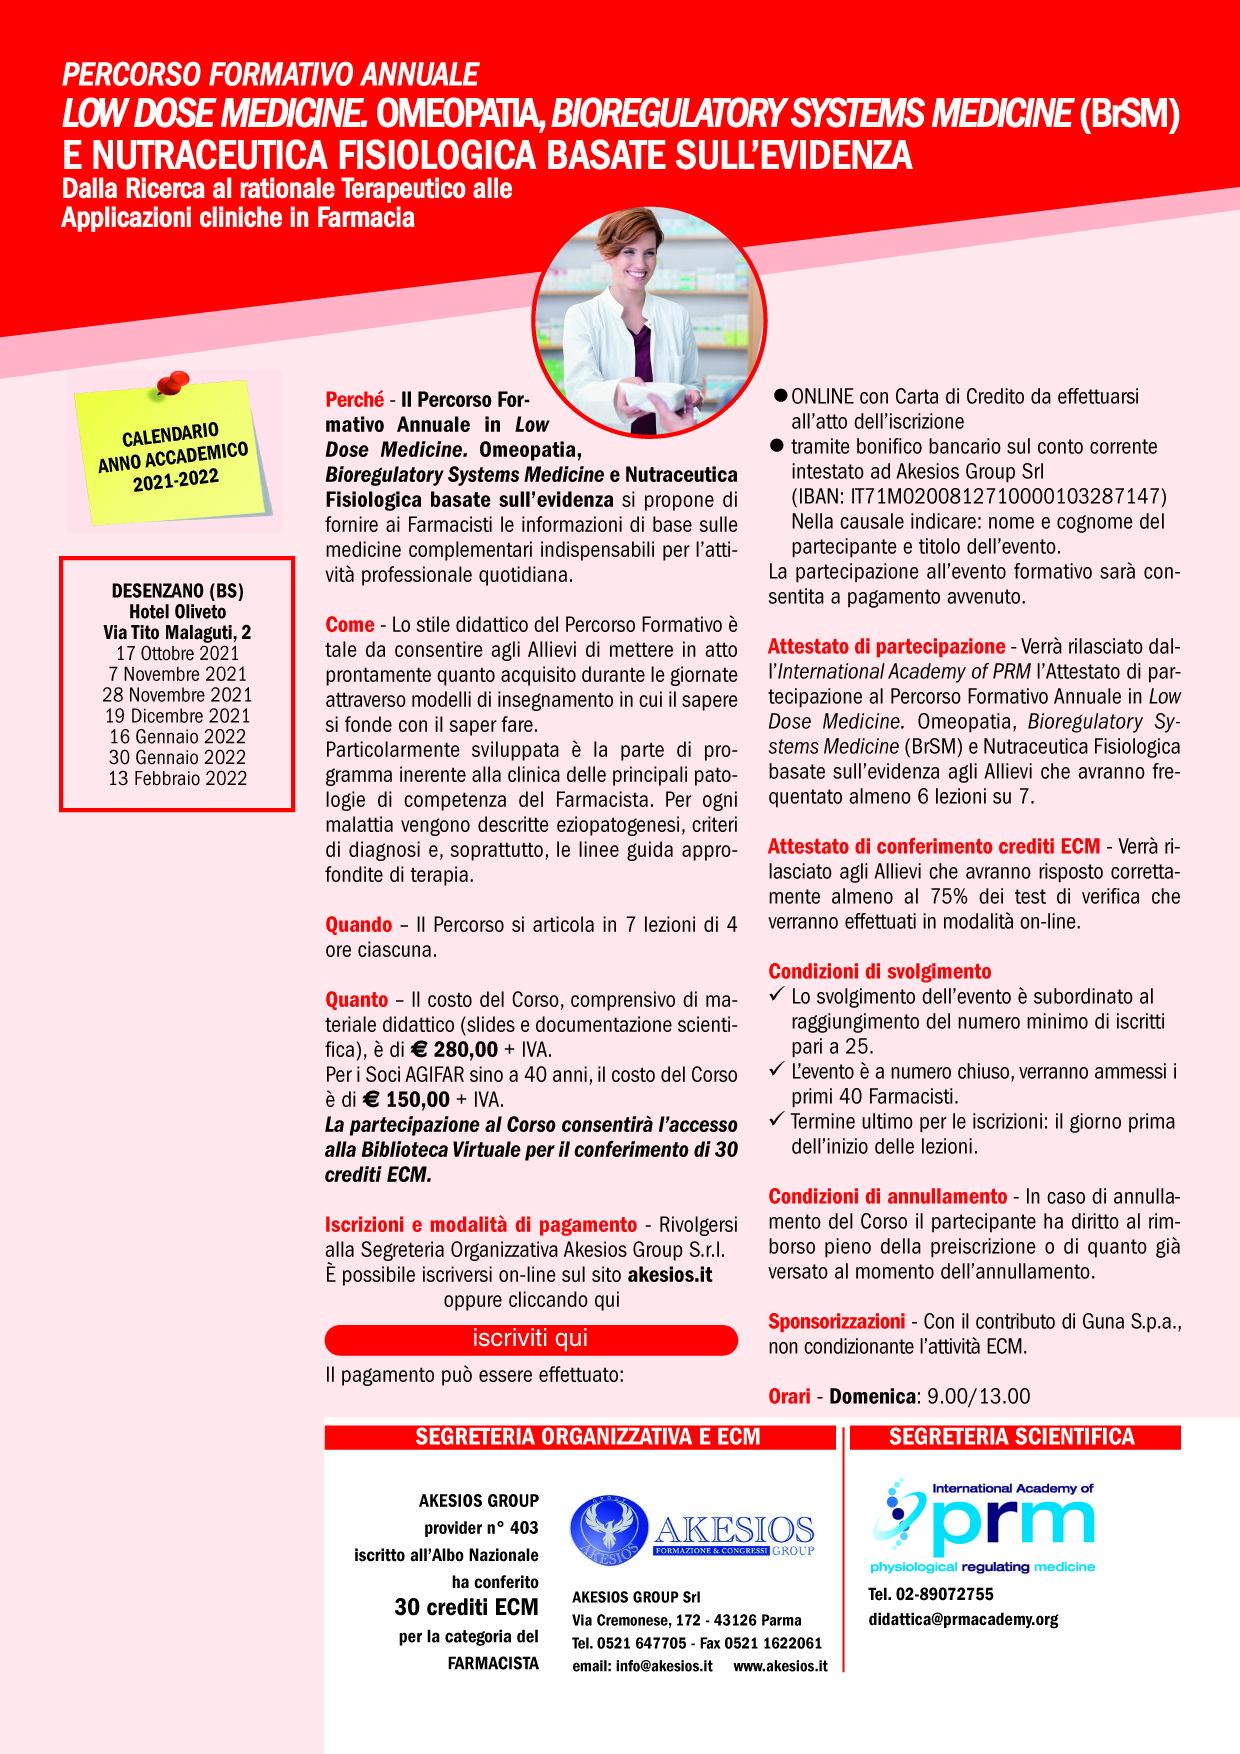 PERCORSO FORMATIVO ANNUALE IN LOW DOSE MEDICINE. OMEOPATIA, OMOTOSSICOLOGIA E NUTRACEUTICA BASATE SULL'EVIDENZA